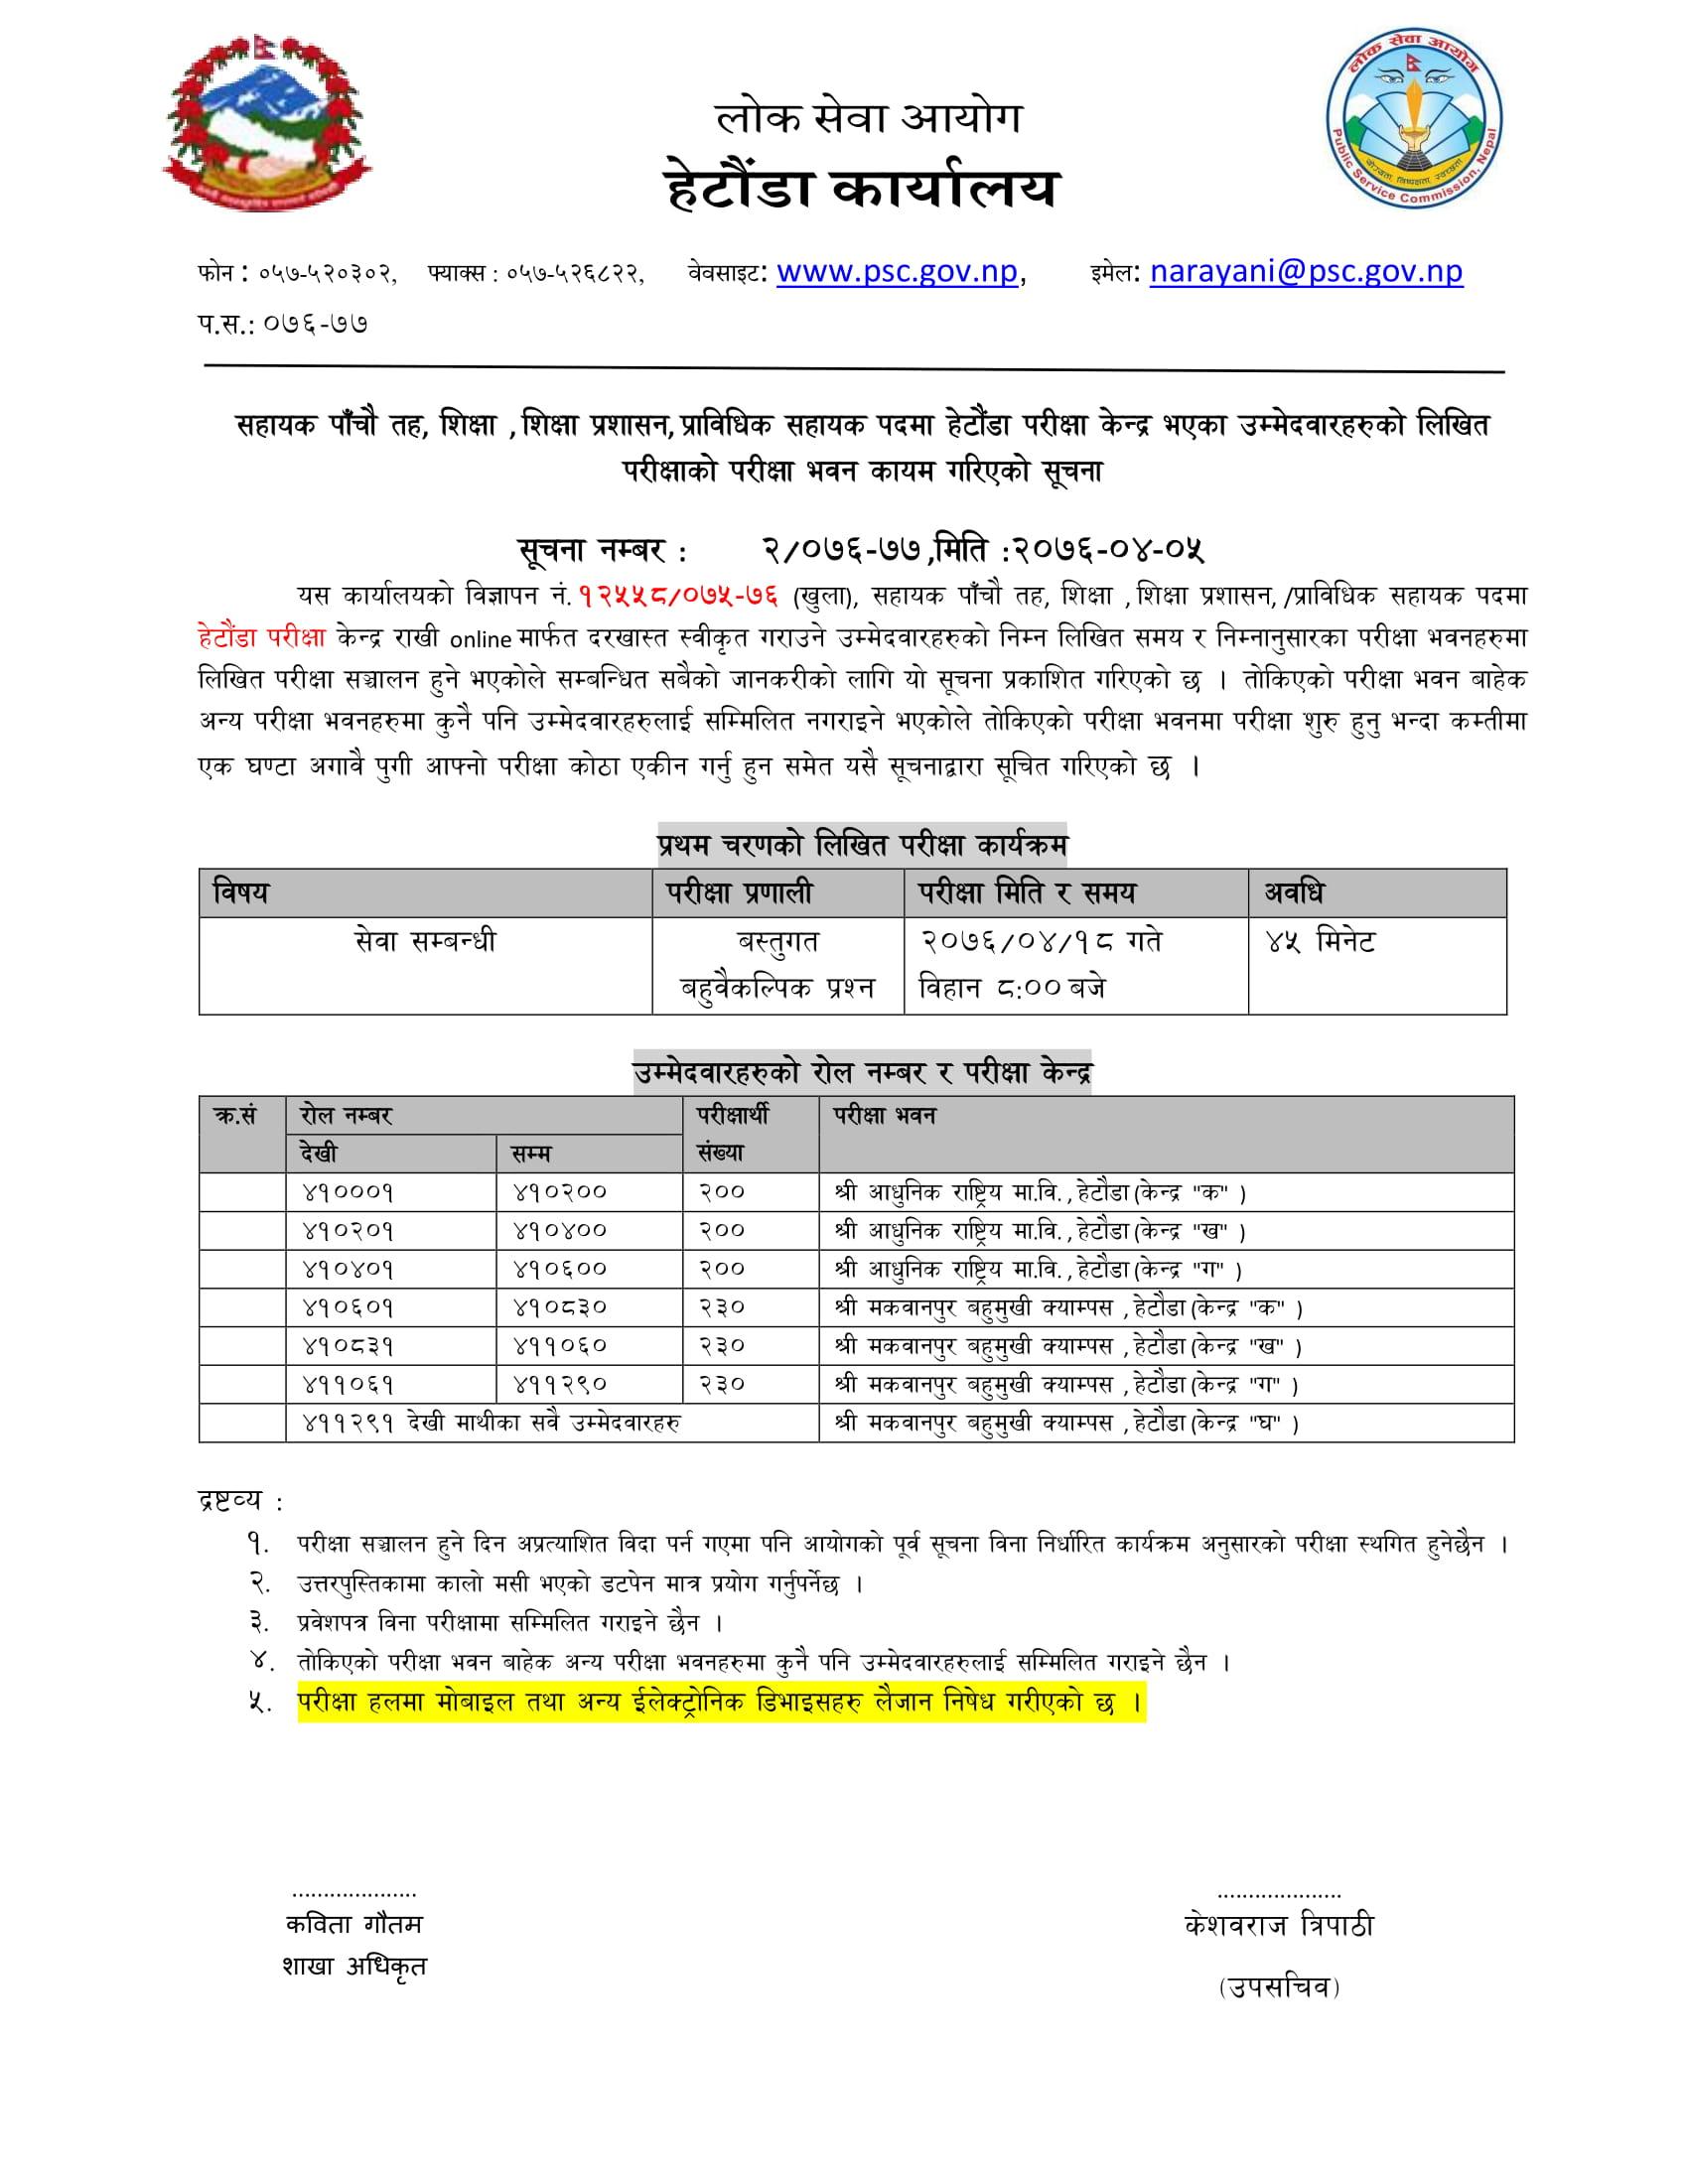 Lok Sewa Aayog Prabidhik Sahayak Exam Center 2076, Lok Sewa Aayog Prabidhik Sahayak Exam Center, Prabidhik Sahayak Exam Center Khotang, Prabidhik Sahayak Exam Center Pokhara, Prabidhik Sahayak Exam Center Kathmandu, Prabidhik Sahayak Exam Center Butawal, Prabidhik Sahayak Exam Center Ilam, Prabidhik Sahayak Exam Center Dhnakuta, Prabidhik Sahayak Exam Center Jaleshwar, Prabidhik Sahayak Exam Center Dipayal, Prabidhik Sahayak Exam Center dang, Prabidhik Sahayak Exam Center Hetauda, Prabidhik Sahayak Exam Center Jumla, Prabidhik Sahayak Exam Center Mahendranagar, Lok Sewa Prabidhik Sahayak Exam Center Khotang, Lok Sewa Prabidhik Sahayak Exam Center Pokhara, Lok Sewa Prabidhik Sahayak Exam Center Kathmandu, Lok Sewa Prabidhik Sahayak Exam Center Butawal, Lok Sewa Prabidhik Sahayak Exam Center Ilam, Lok Sewa Prabidhik Sahayak Exam Center Dhnakuta, Lok Sewa Prabidhik Sahayak Exam Center Jaleshwar, Lok Sewa Prabidhik Sahayak Exam Center Dipayal, Lok Sewa Prabidhik Sahayak Exam Center dang, Lok Sewa Prabidhik Sahayak Exam Center Hetauda, Lok Sewa Prabidhik Sahayak Exam Center Jumla, Lok Sewa Prabidhik Sahayak Exam Center Mahendranagar, Butawal Prabidhik Sahayak 5th Level exam center, Butawal Prabidhik Sahayak 5th Level exam center, Lok Sewa Aayog Prsa Exam Center 2076, Lok Sewa Aayog Prsa Exam Center, Prsa Exam Center Khotang, Prsa Exam Center Pokhara, Prsa Exam Center Kathmandu, Prsa Exam Center Butawal, Prsa Exam Center Ilam, Prsa Exam Center Dhnakuta, Prsa Exam Center Jaleshwar, Prsa Exam Center Dipayal, Prsa Exam Center dang, Prsa Exam Center Hetauda, Prsa Exam Center Jumla, Prsa Exam Center Mahendranagar, Lok Sewa Prsa Exam Center Khotang, Lok Sewa Prsa Exam Center Pokhara, Lok Sewa Prsa Exam Center Kathmandu, Lok Sewa Prsa Exam Center Butawal, Lok Sewa Prsa Exam Center Ilam, Lok Sewa Prsa Exam Center Dhnakuta, Lok Sewa Prsa Exam Center Jaleshwar, Lok Sewa Prsa Exam Center Dipayal, Lok Sewa Prsa Exam Center dang, Lok Sewa Prsa Exam Center Hetauda, Lok Sewa Prsa Exam C